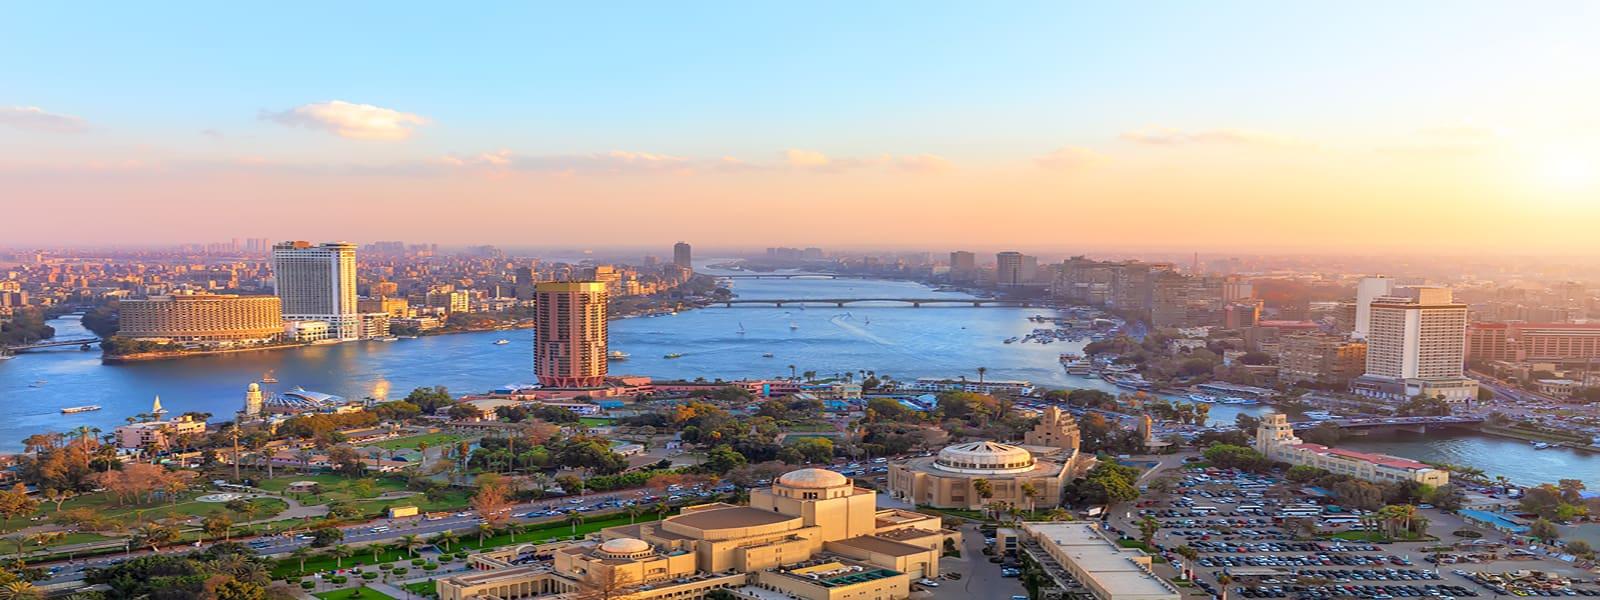 برنامج سياحي 10 أيام في مصر لشخصين